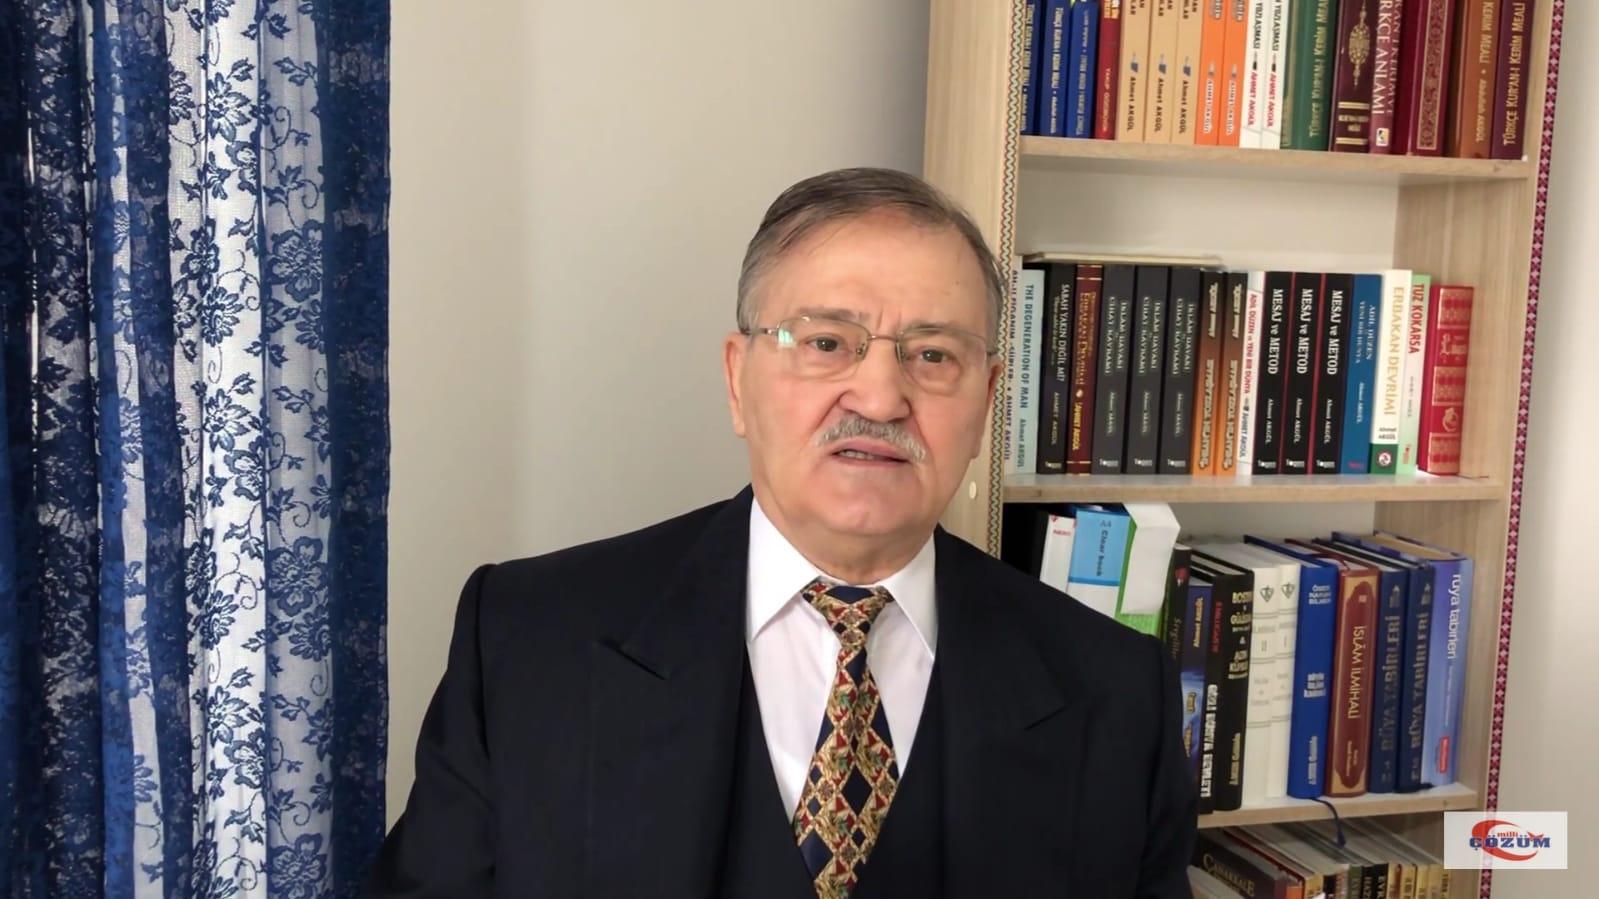 Ahmet Akgül Üstadımızın Ramazan Sohbeti:  AYETLER VE HİKMETLER